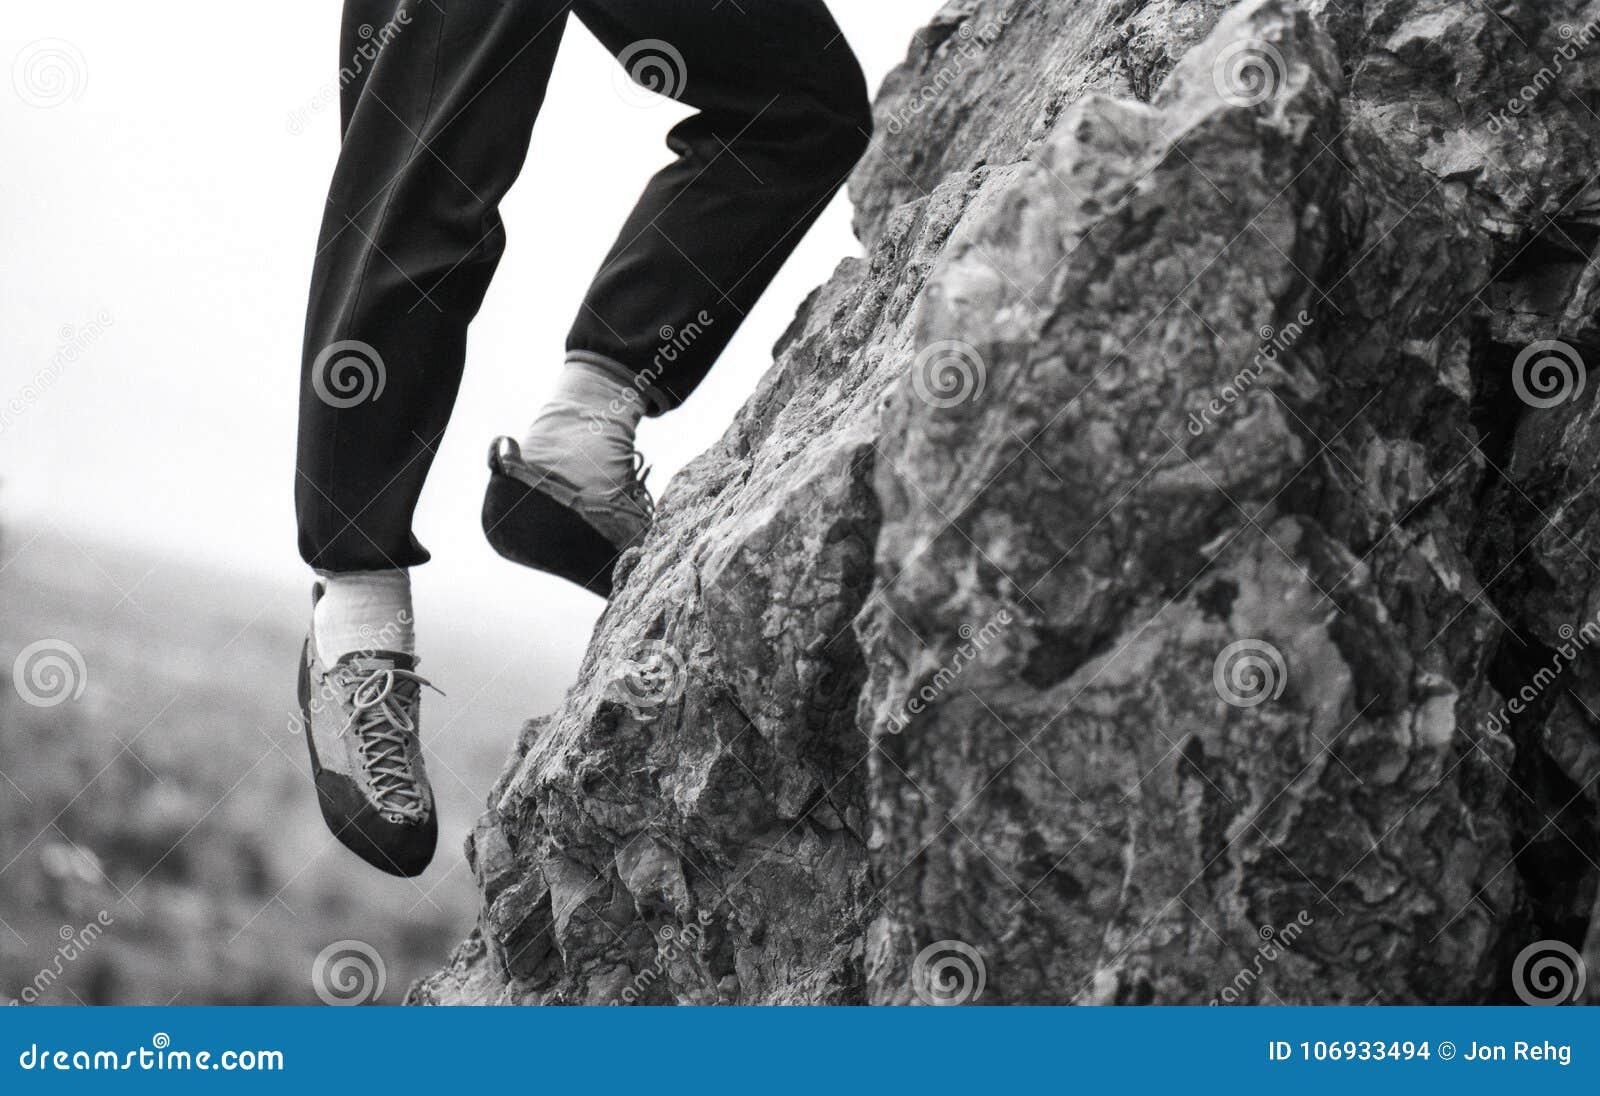 Grimpeur de roche avec un pied accrochant outre du bord de Cliff Outcrop Over Looking Valley ci-dessous